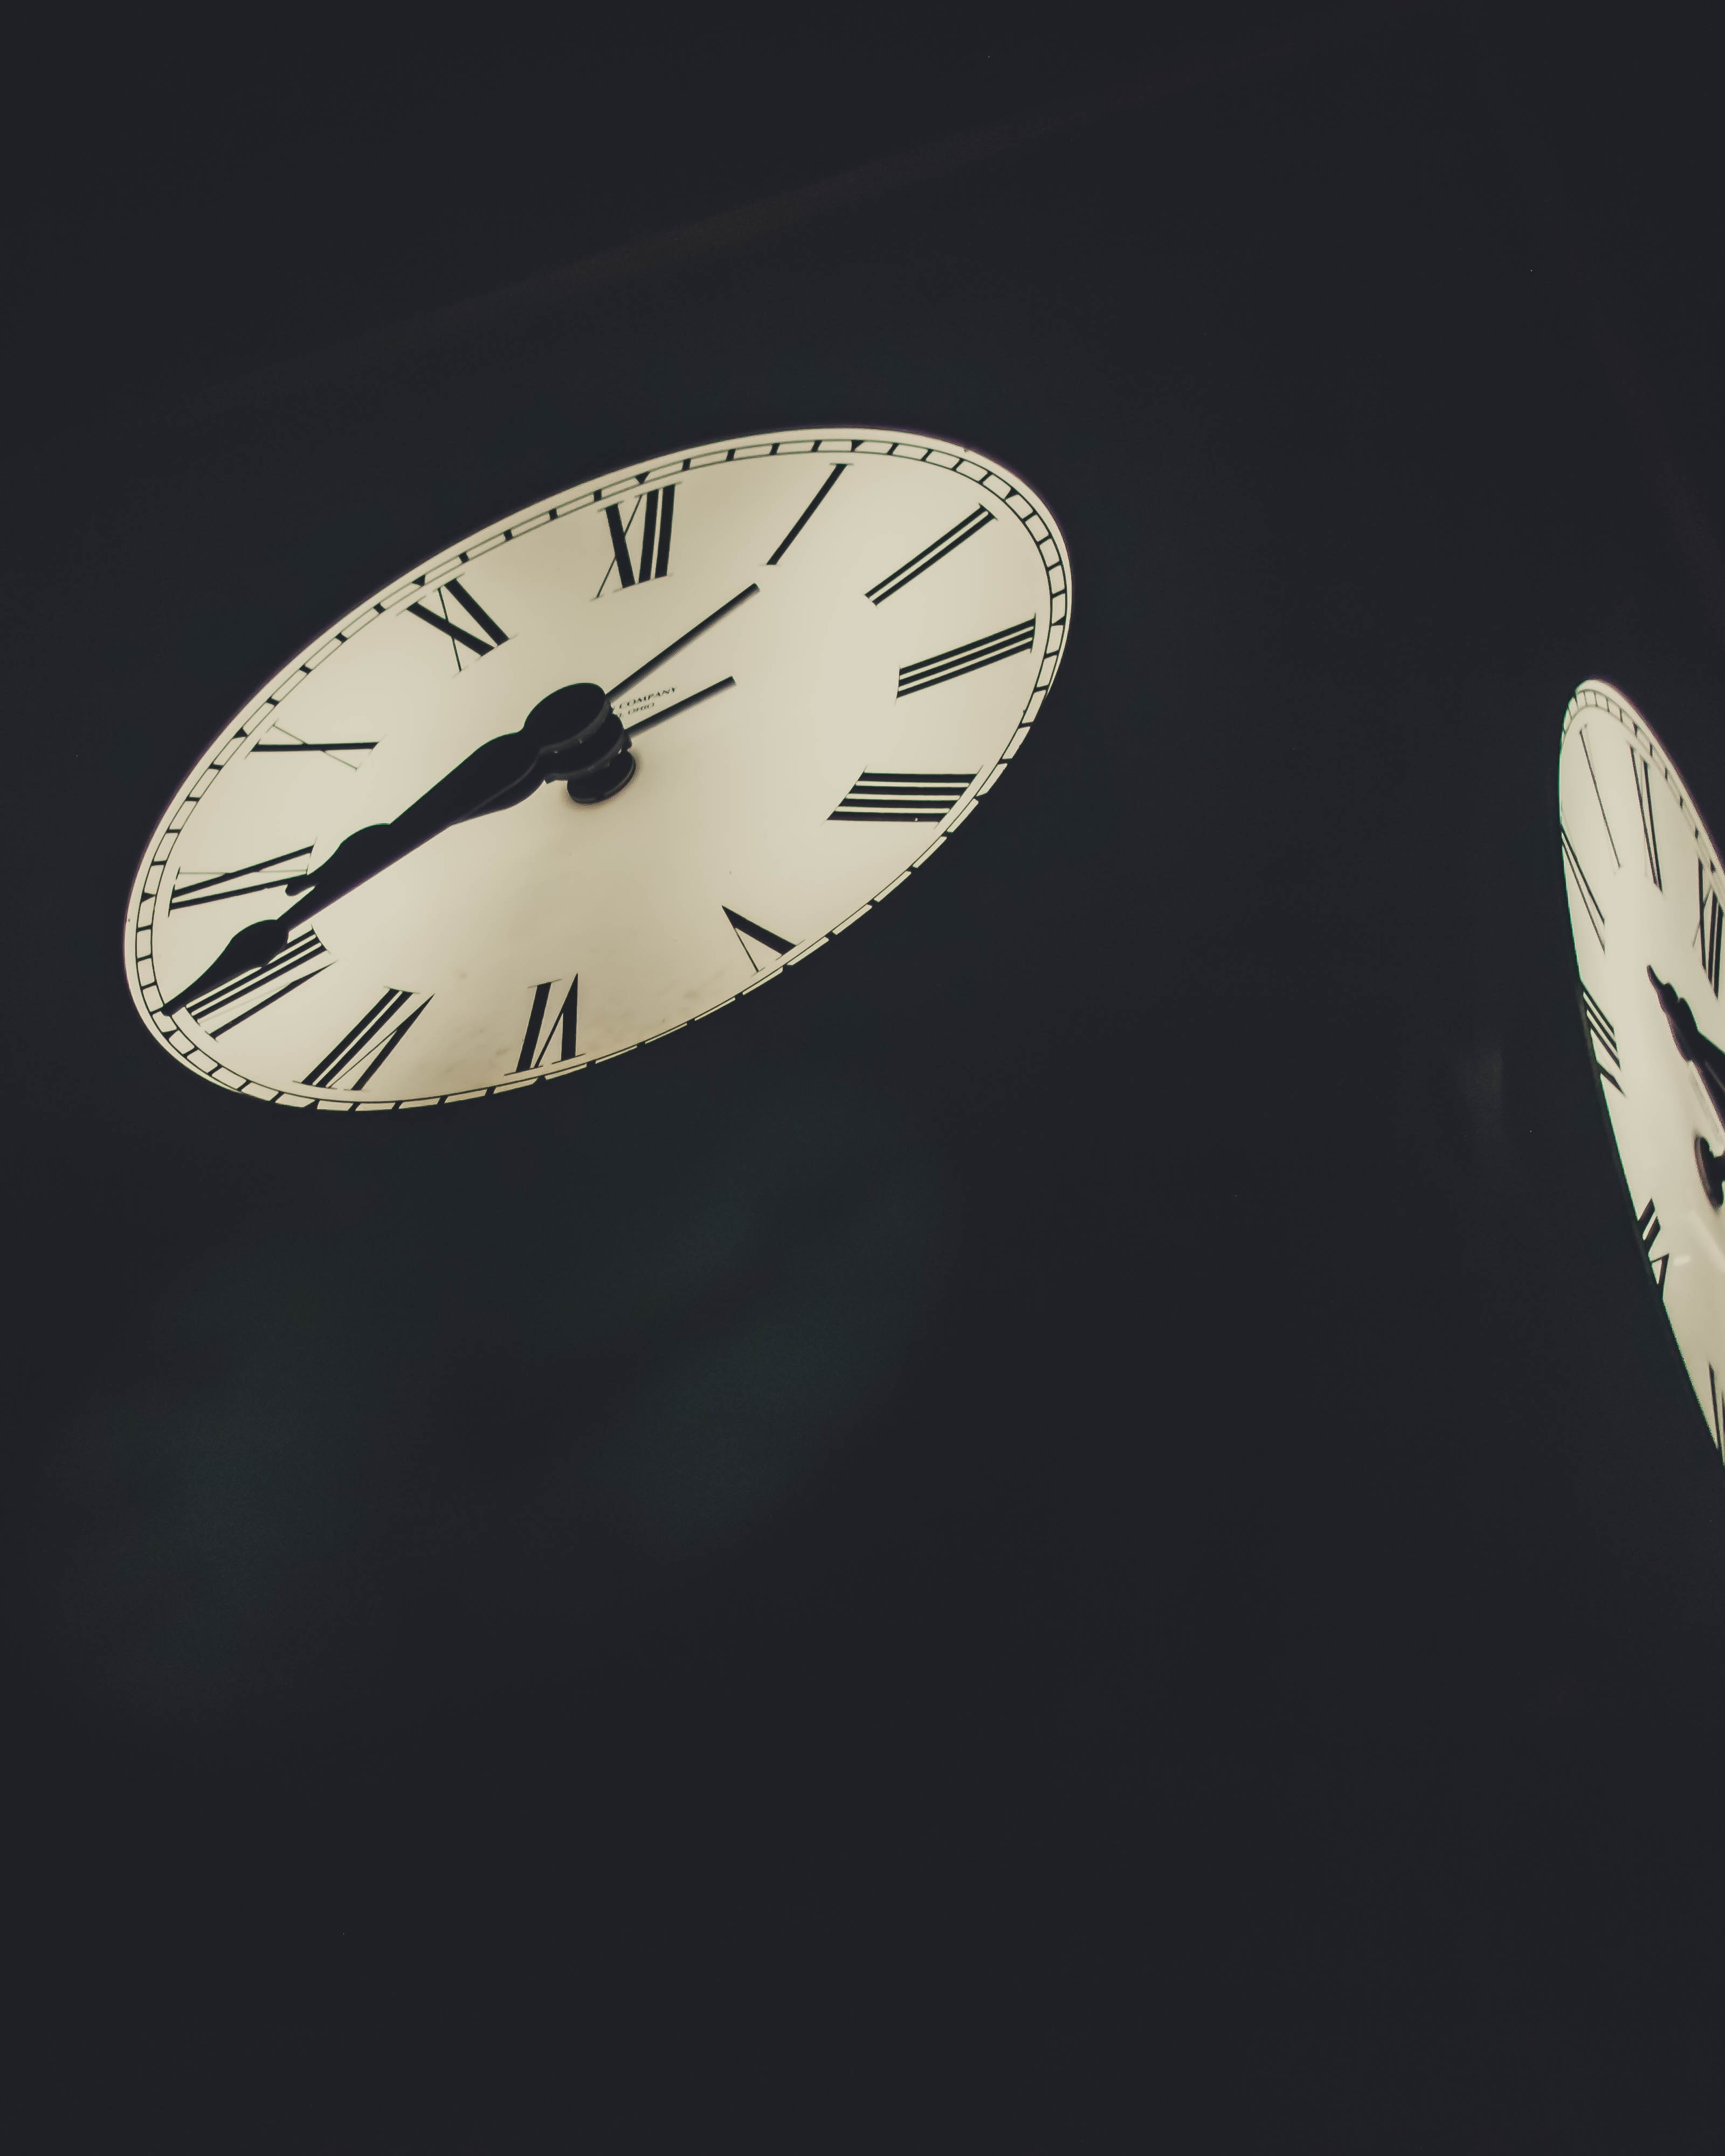 Big Ben the clock